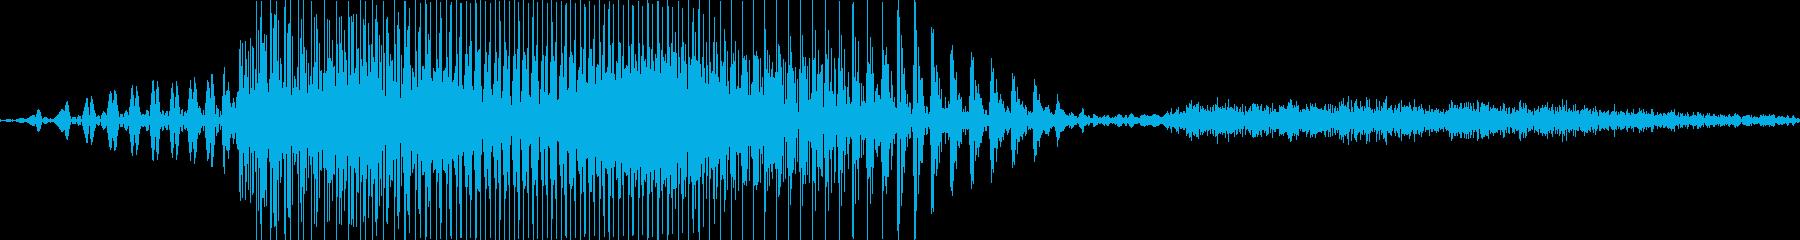 ナイス♪の再生済みの波形